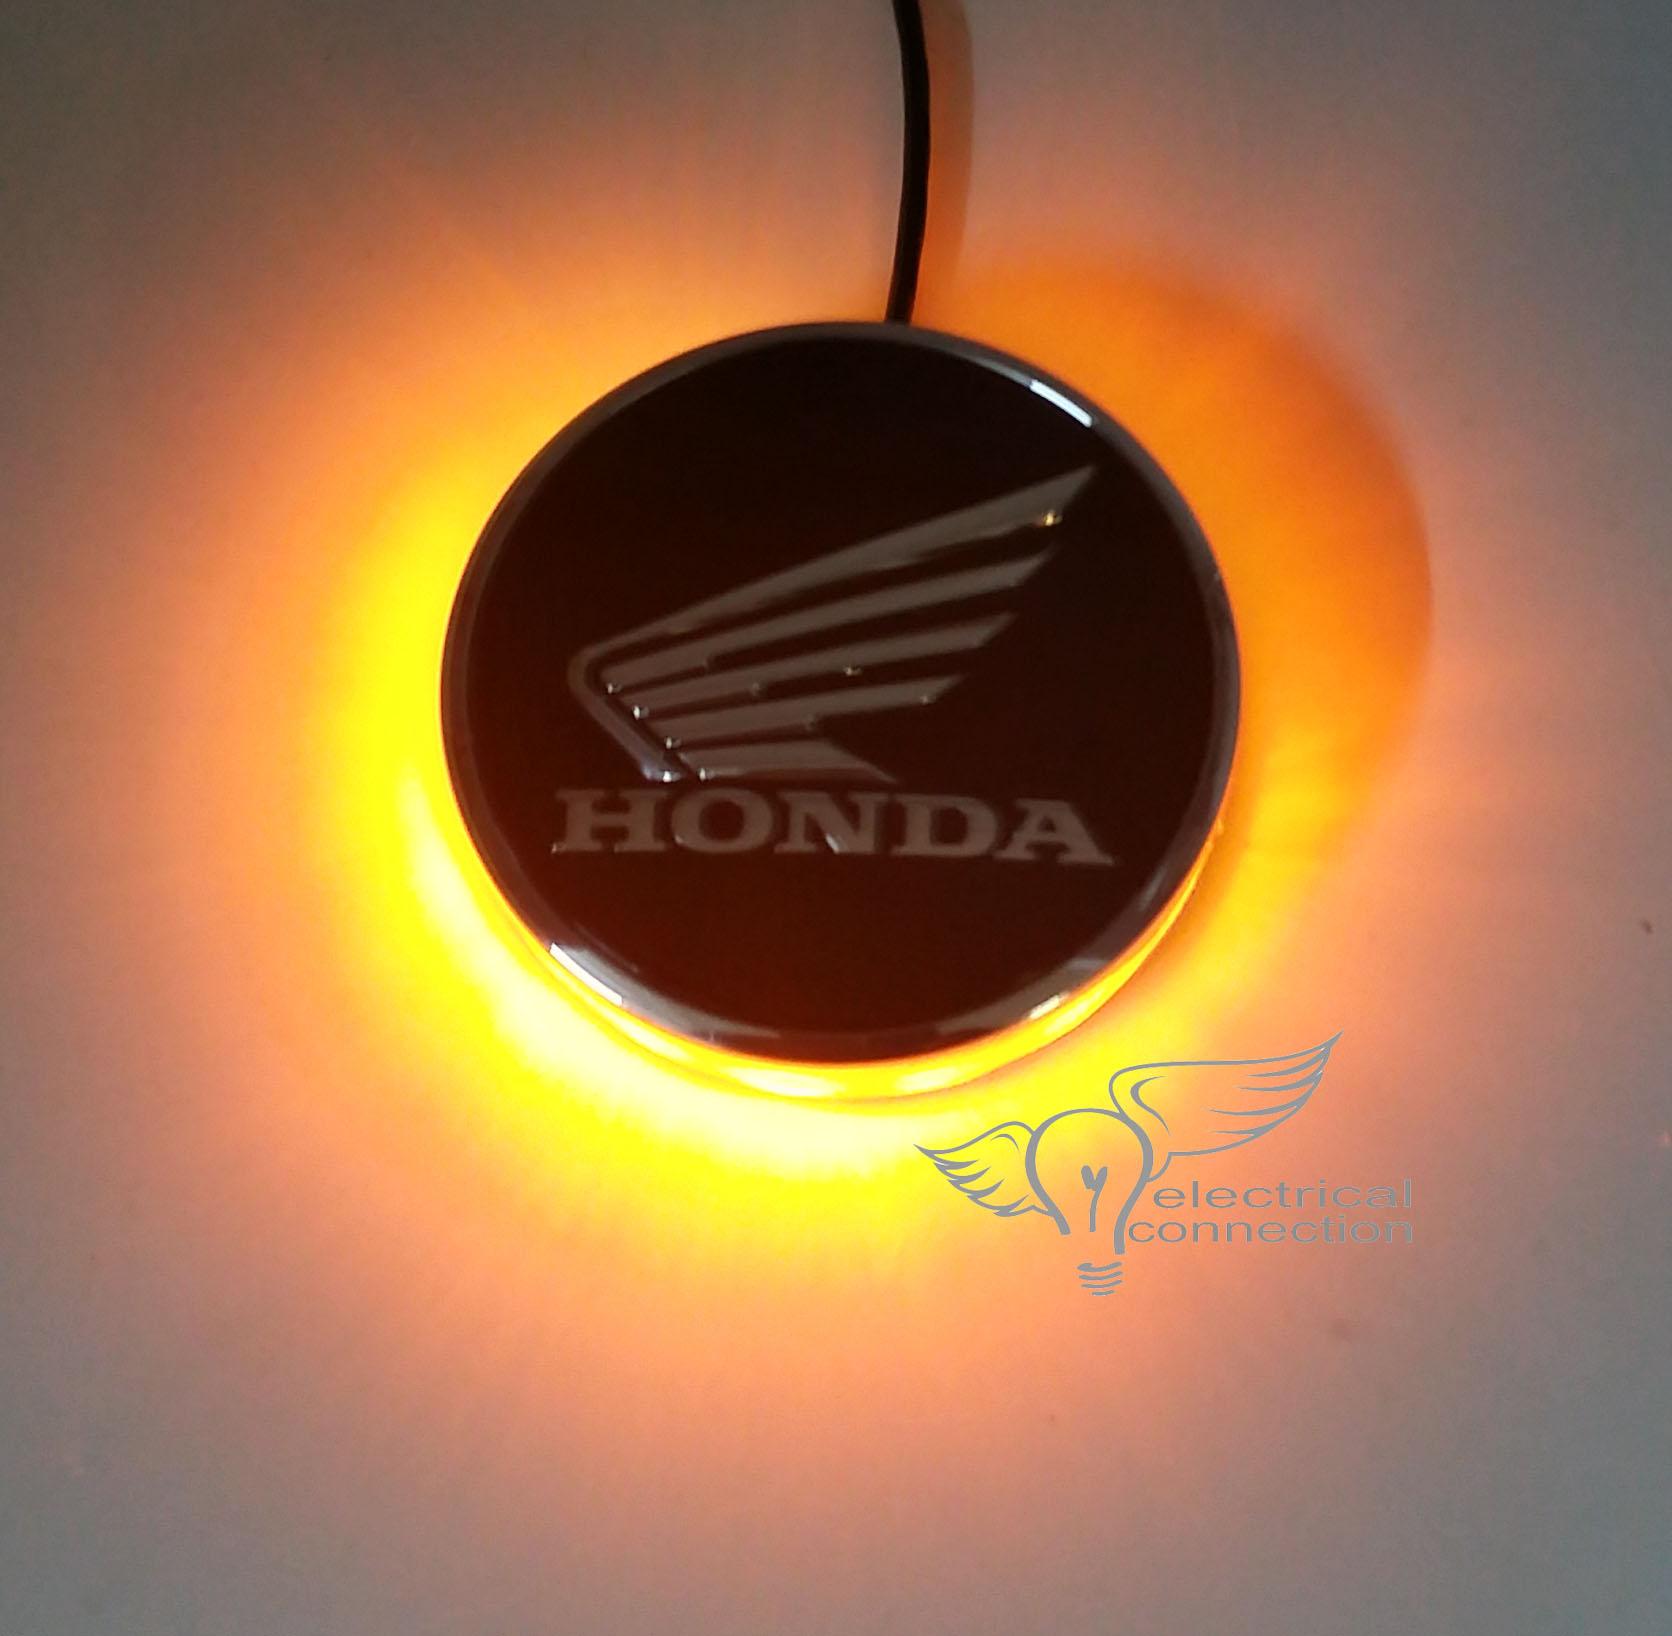 Honda Roundel Emblem Illumination Kit – Electrical Connection